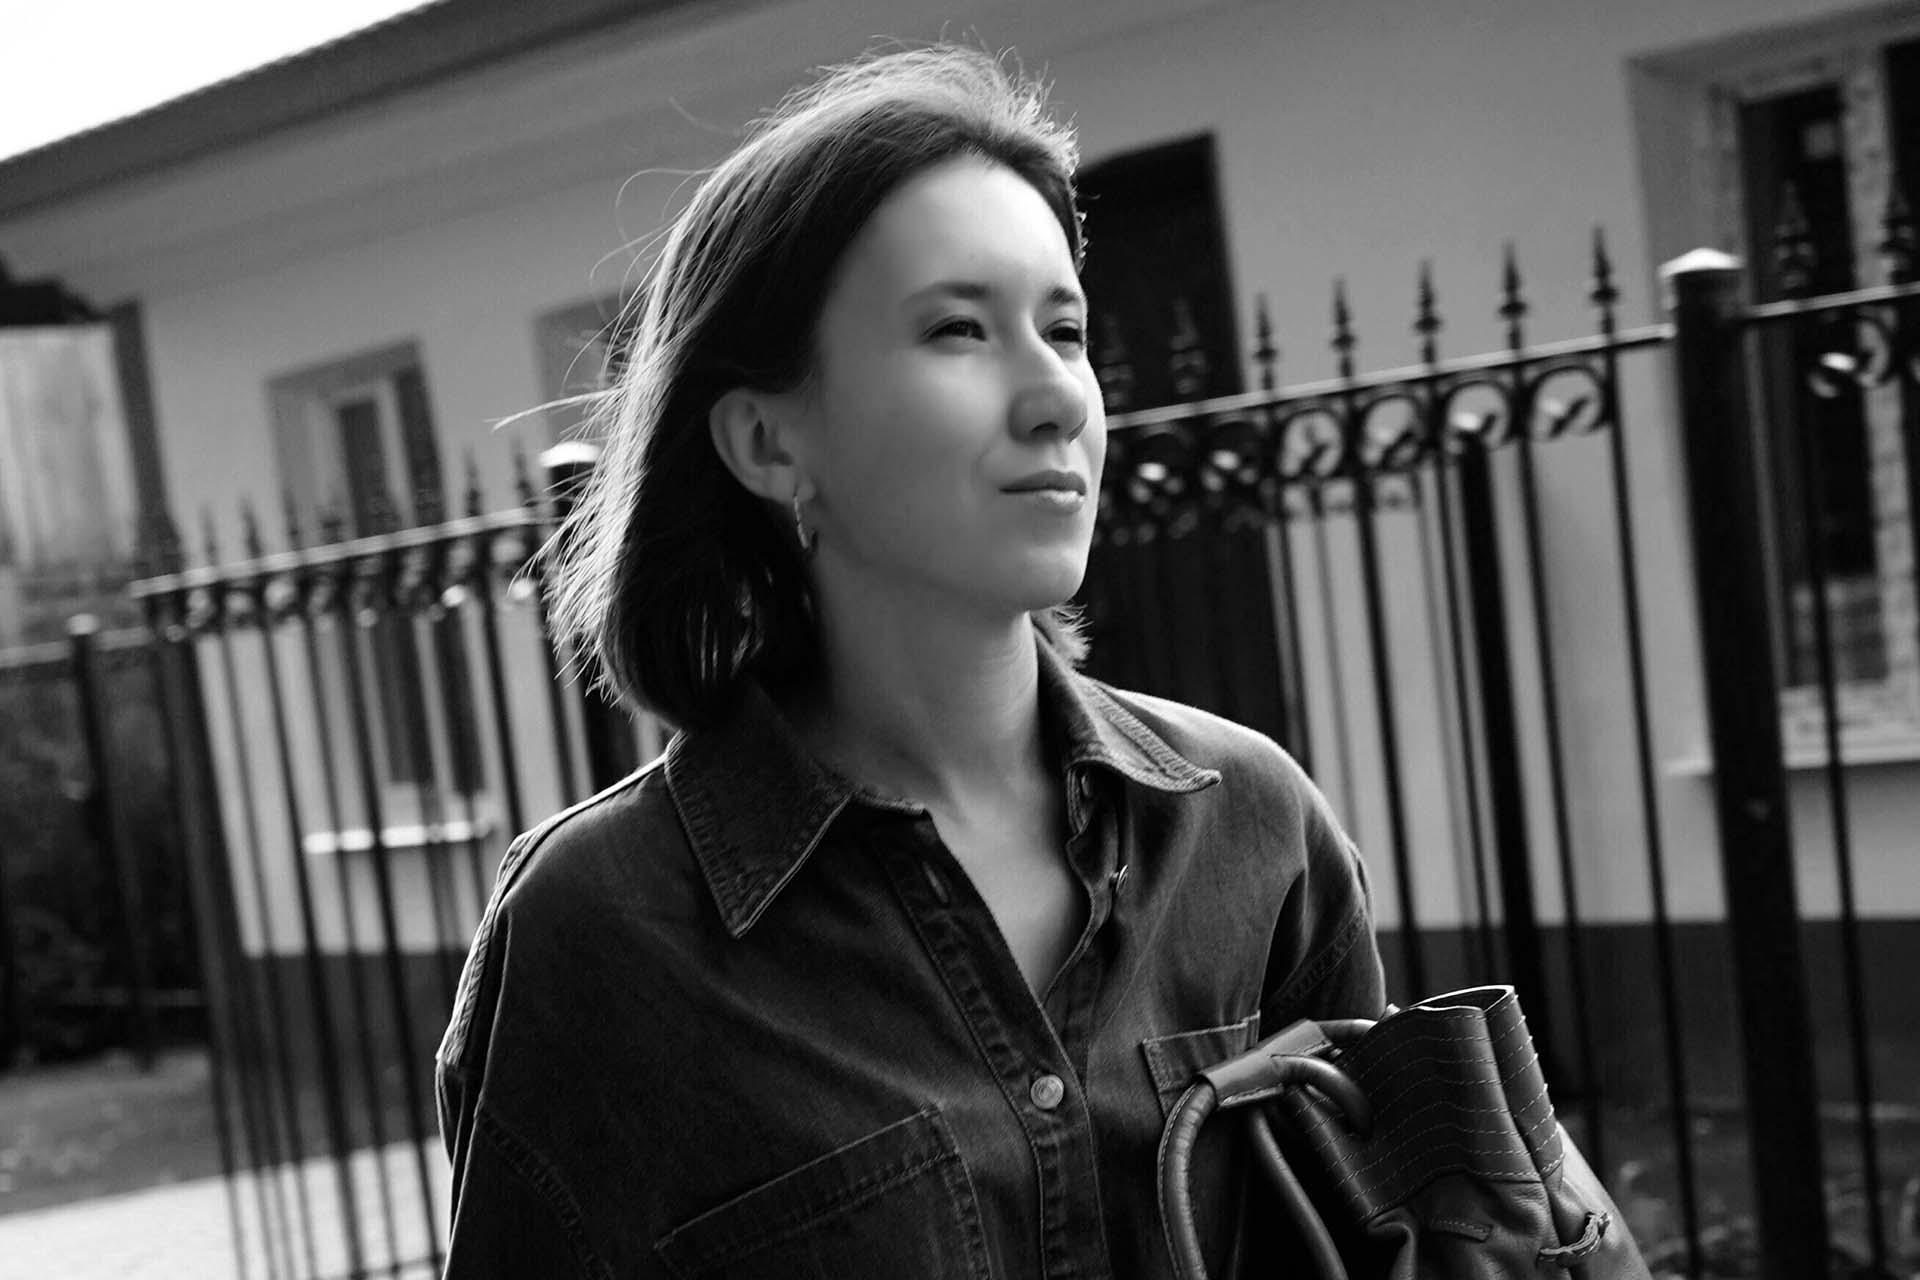 Юлия Диброва, бренд-стратег, занимающийся индивидуальной практикой и персональным брендингом